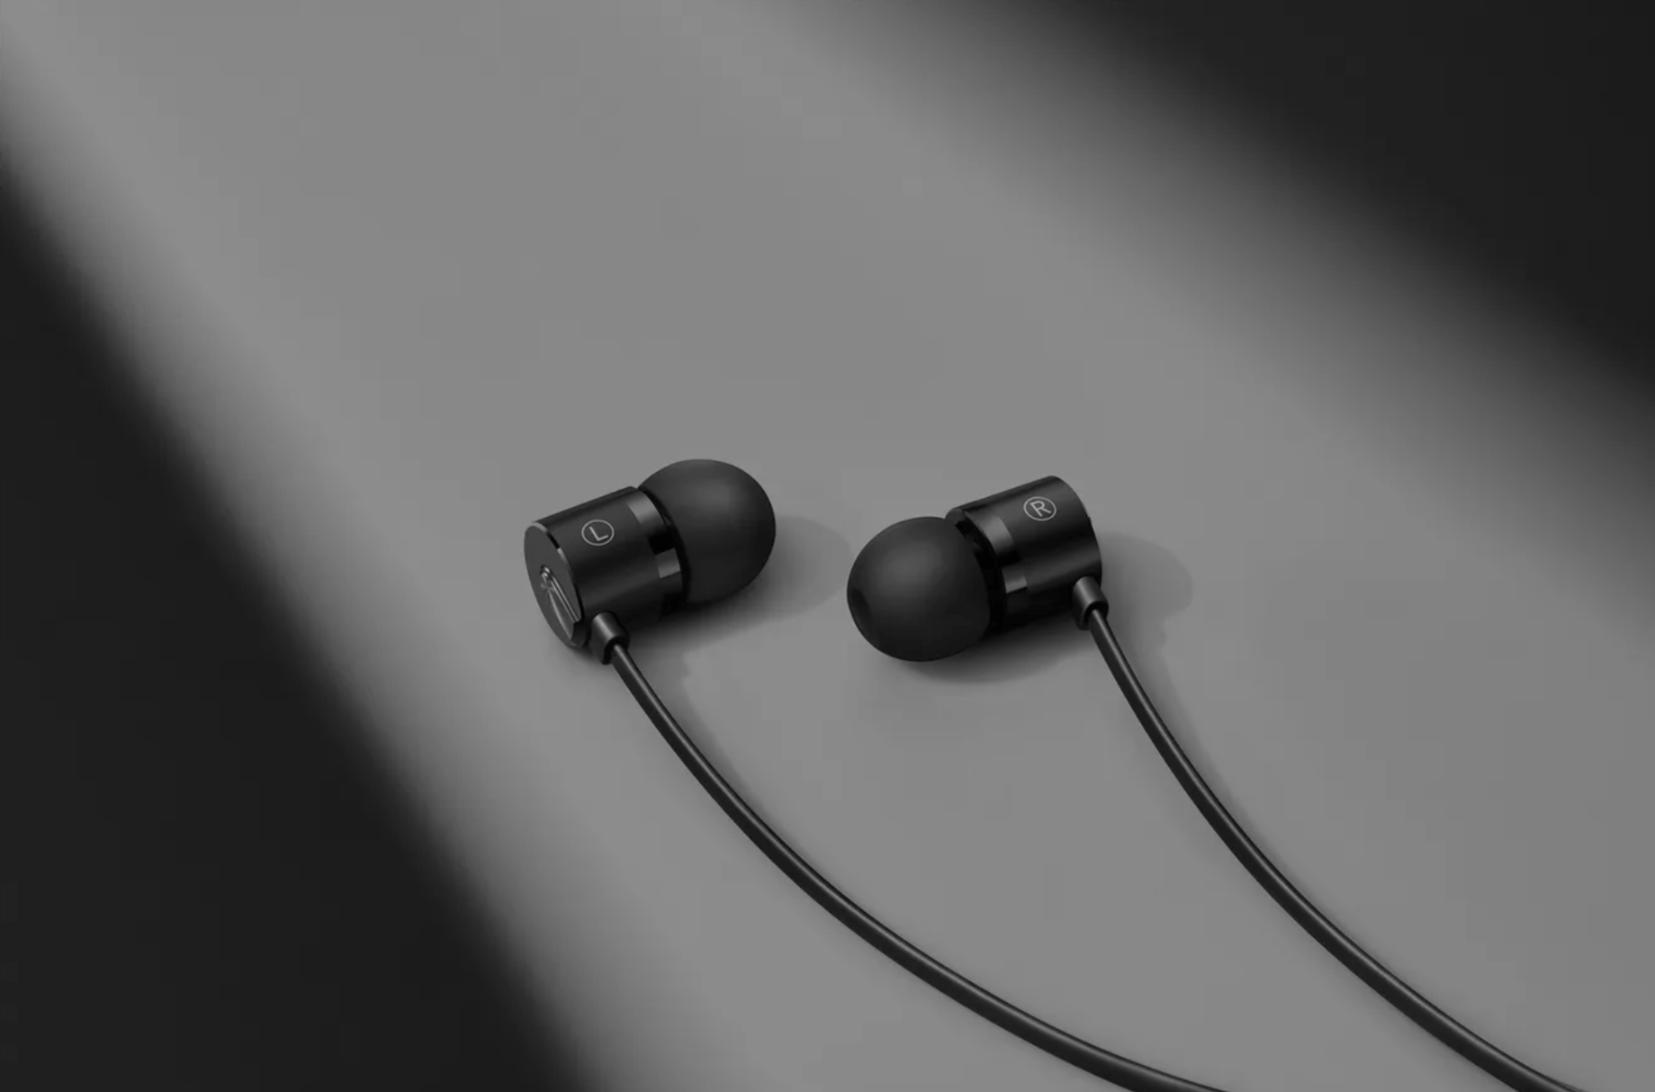 Żenujące. Smartfony OnePlusa zamieniają kanały dźwięku podczas korzystania ze słuchawek